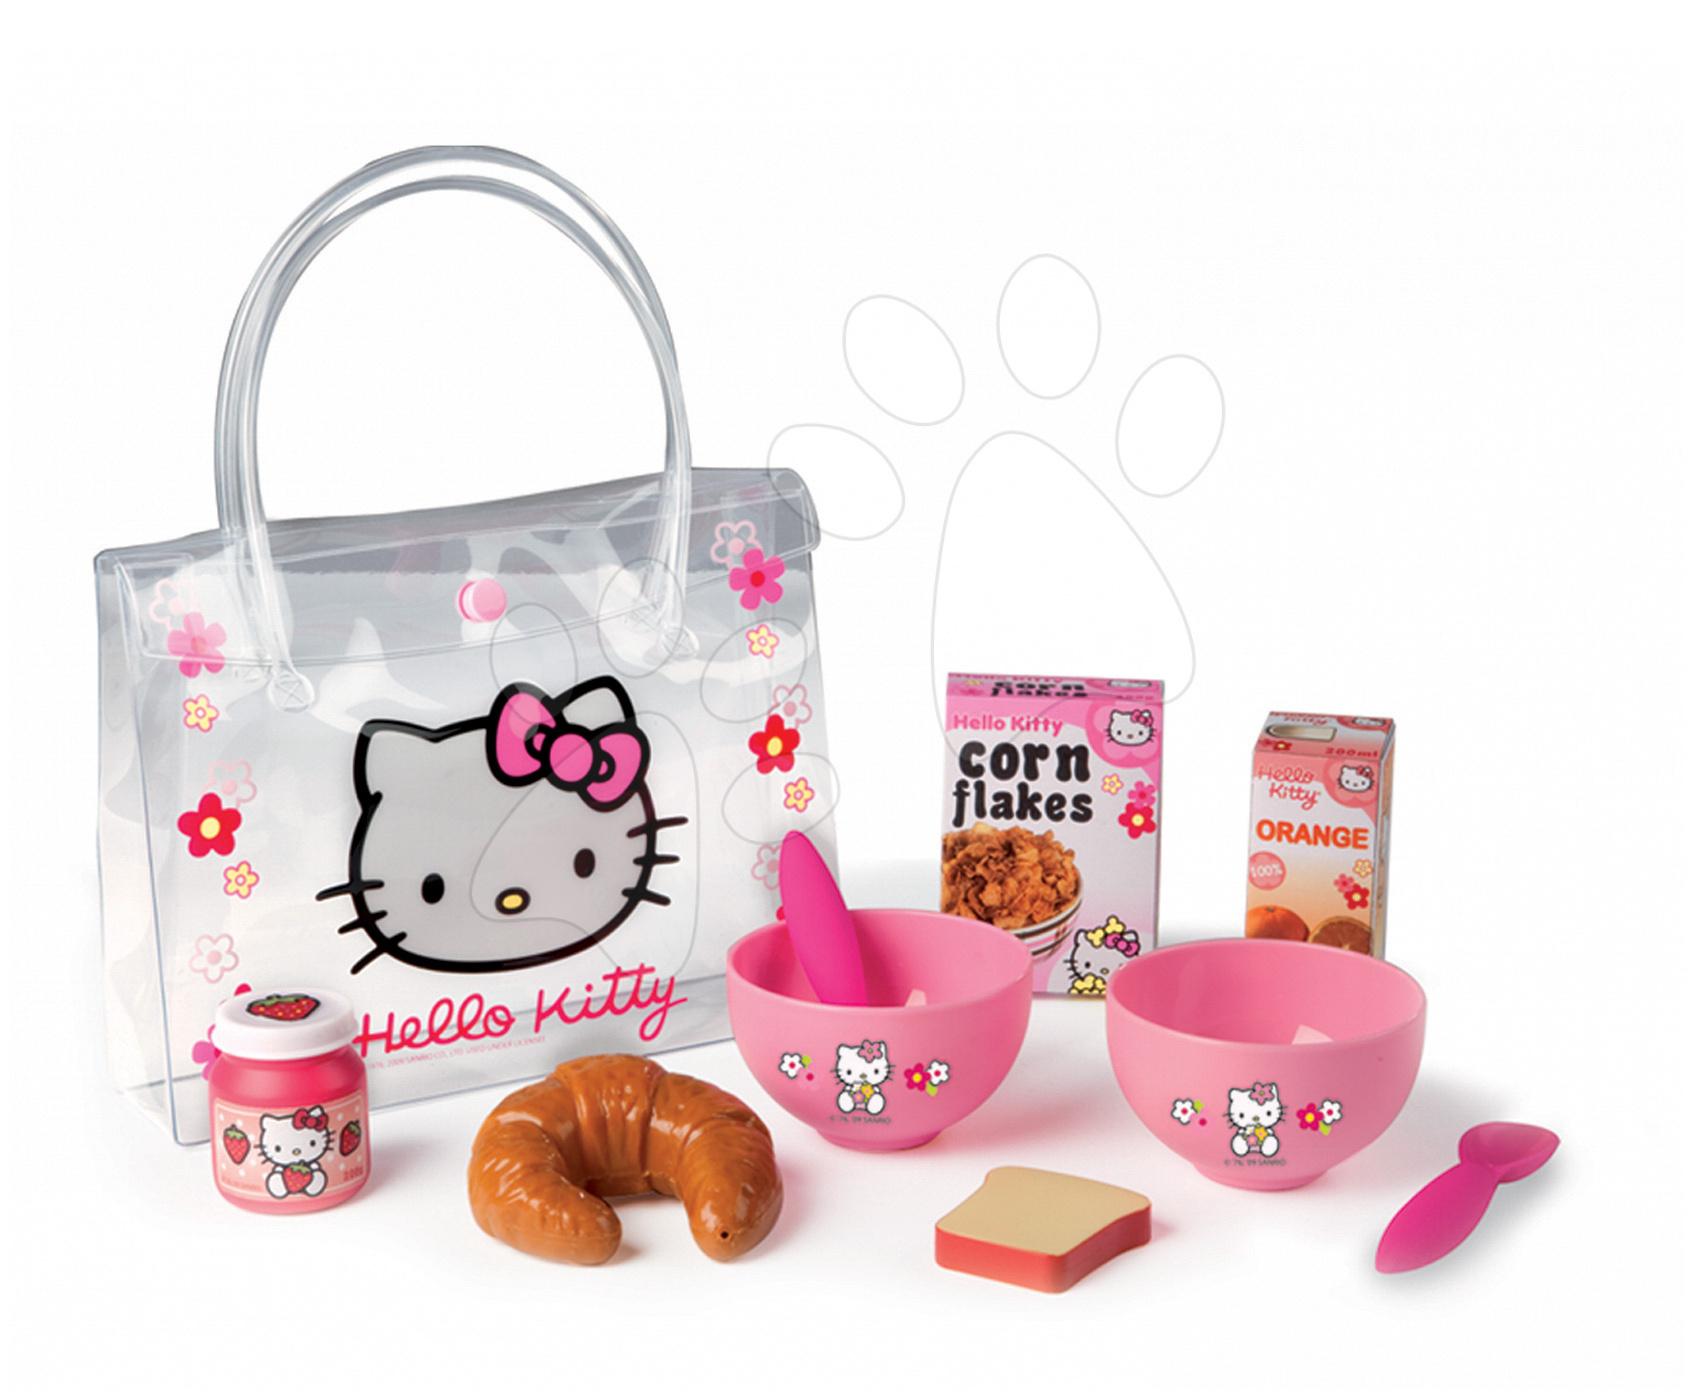 Nádobí a doplňky do kuchyňky - Snídaňový set Hello Kitty Smoby v taštičce s 9 doplňky